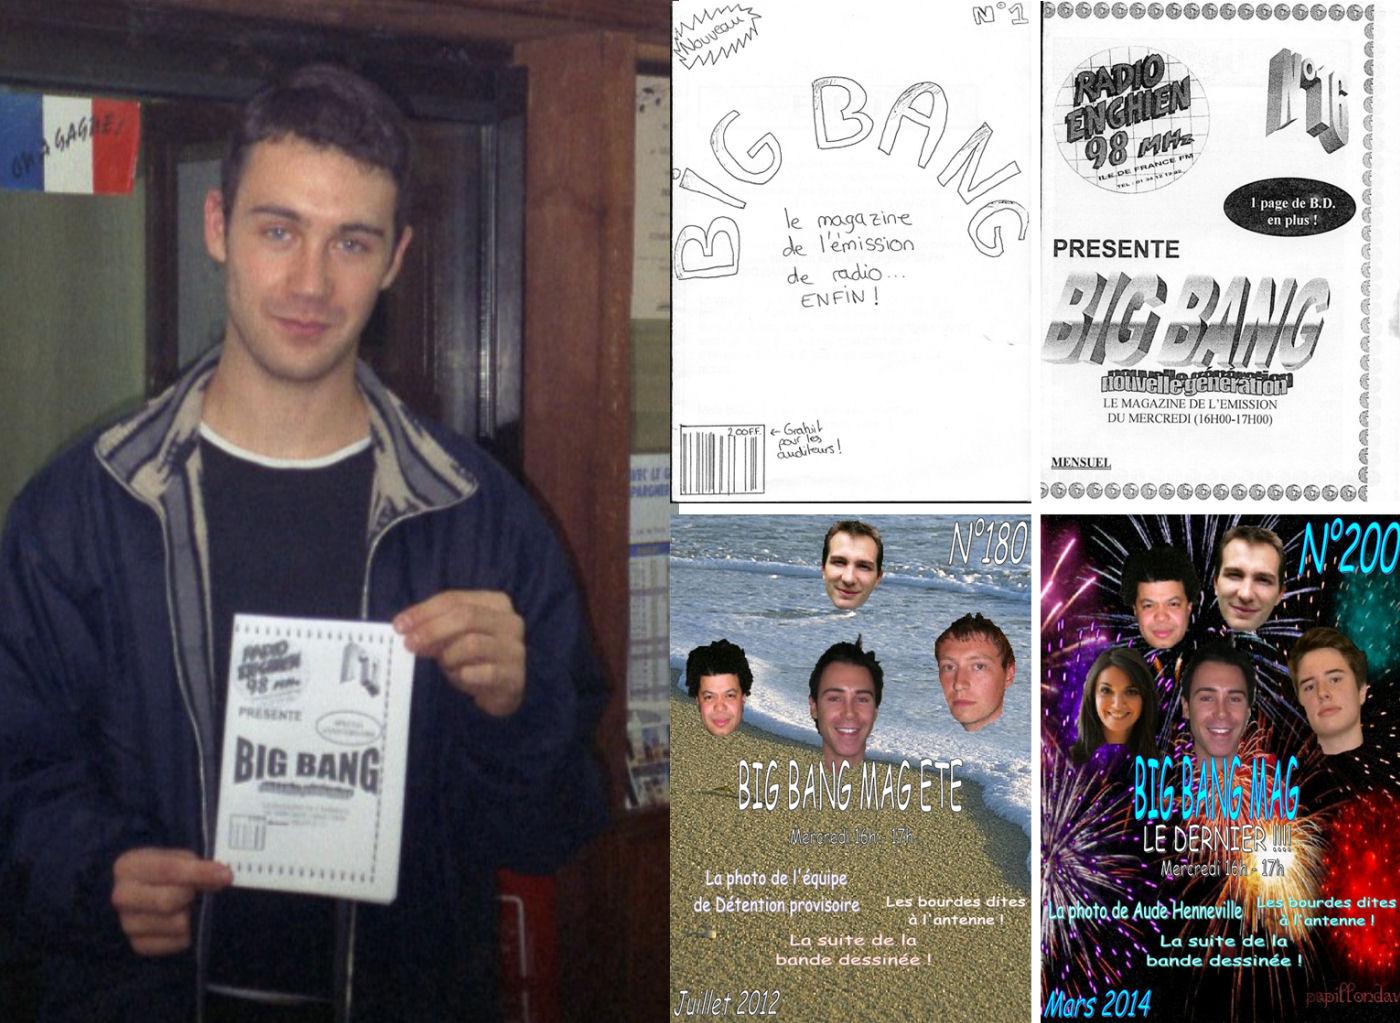 En 1997, sort le Big Bang mag. En 2005, pour le numéro 100, le magazine abandonne la version papier. En 2014, après 200 numéros, les différentes rubriques étant intégrées sur le site et les réseaux sociaux, le Big Bang mag s'arrête. Voici les liens de deux Big Bang mag : <a href=